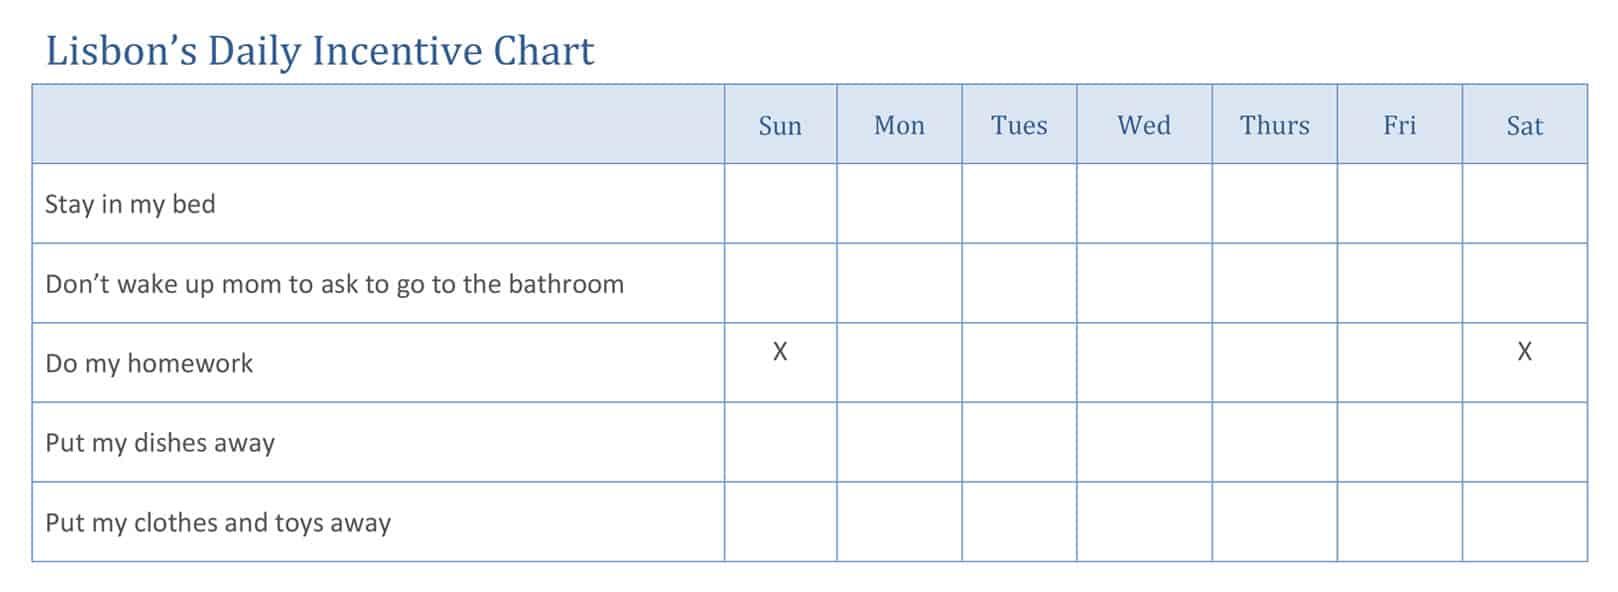 Original task chart